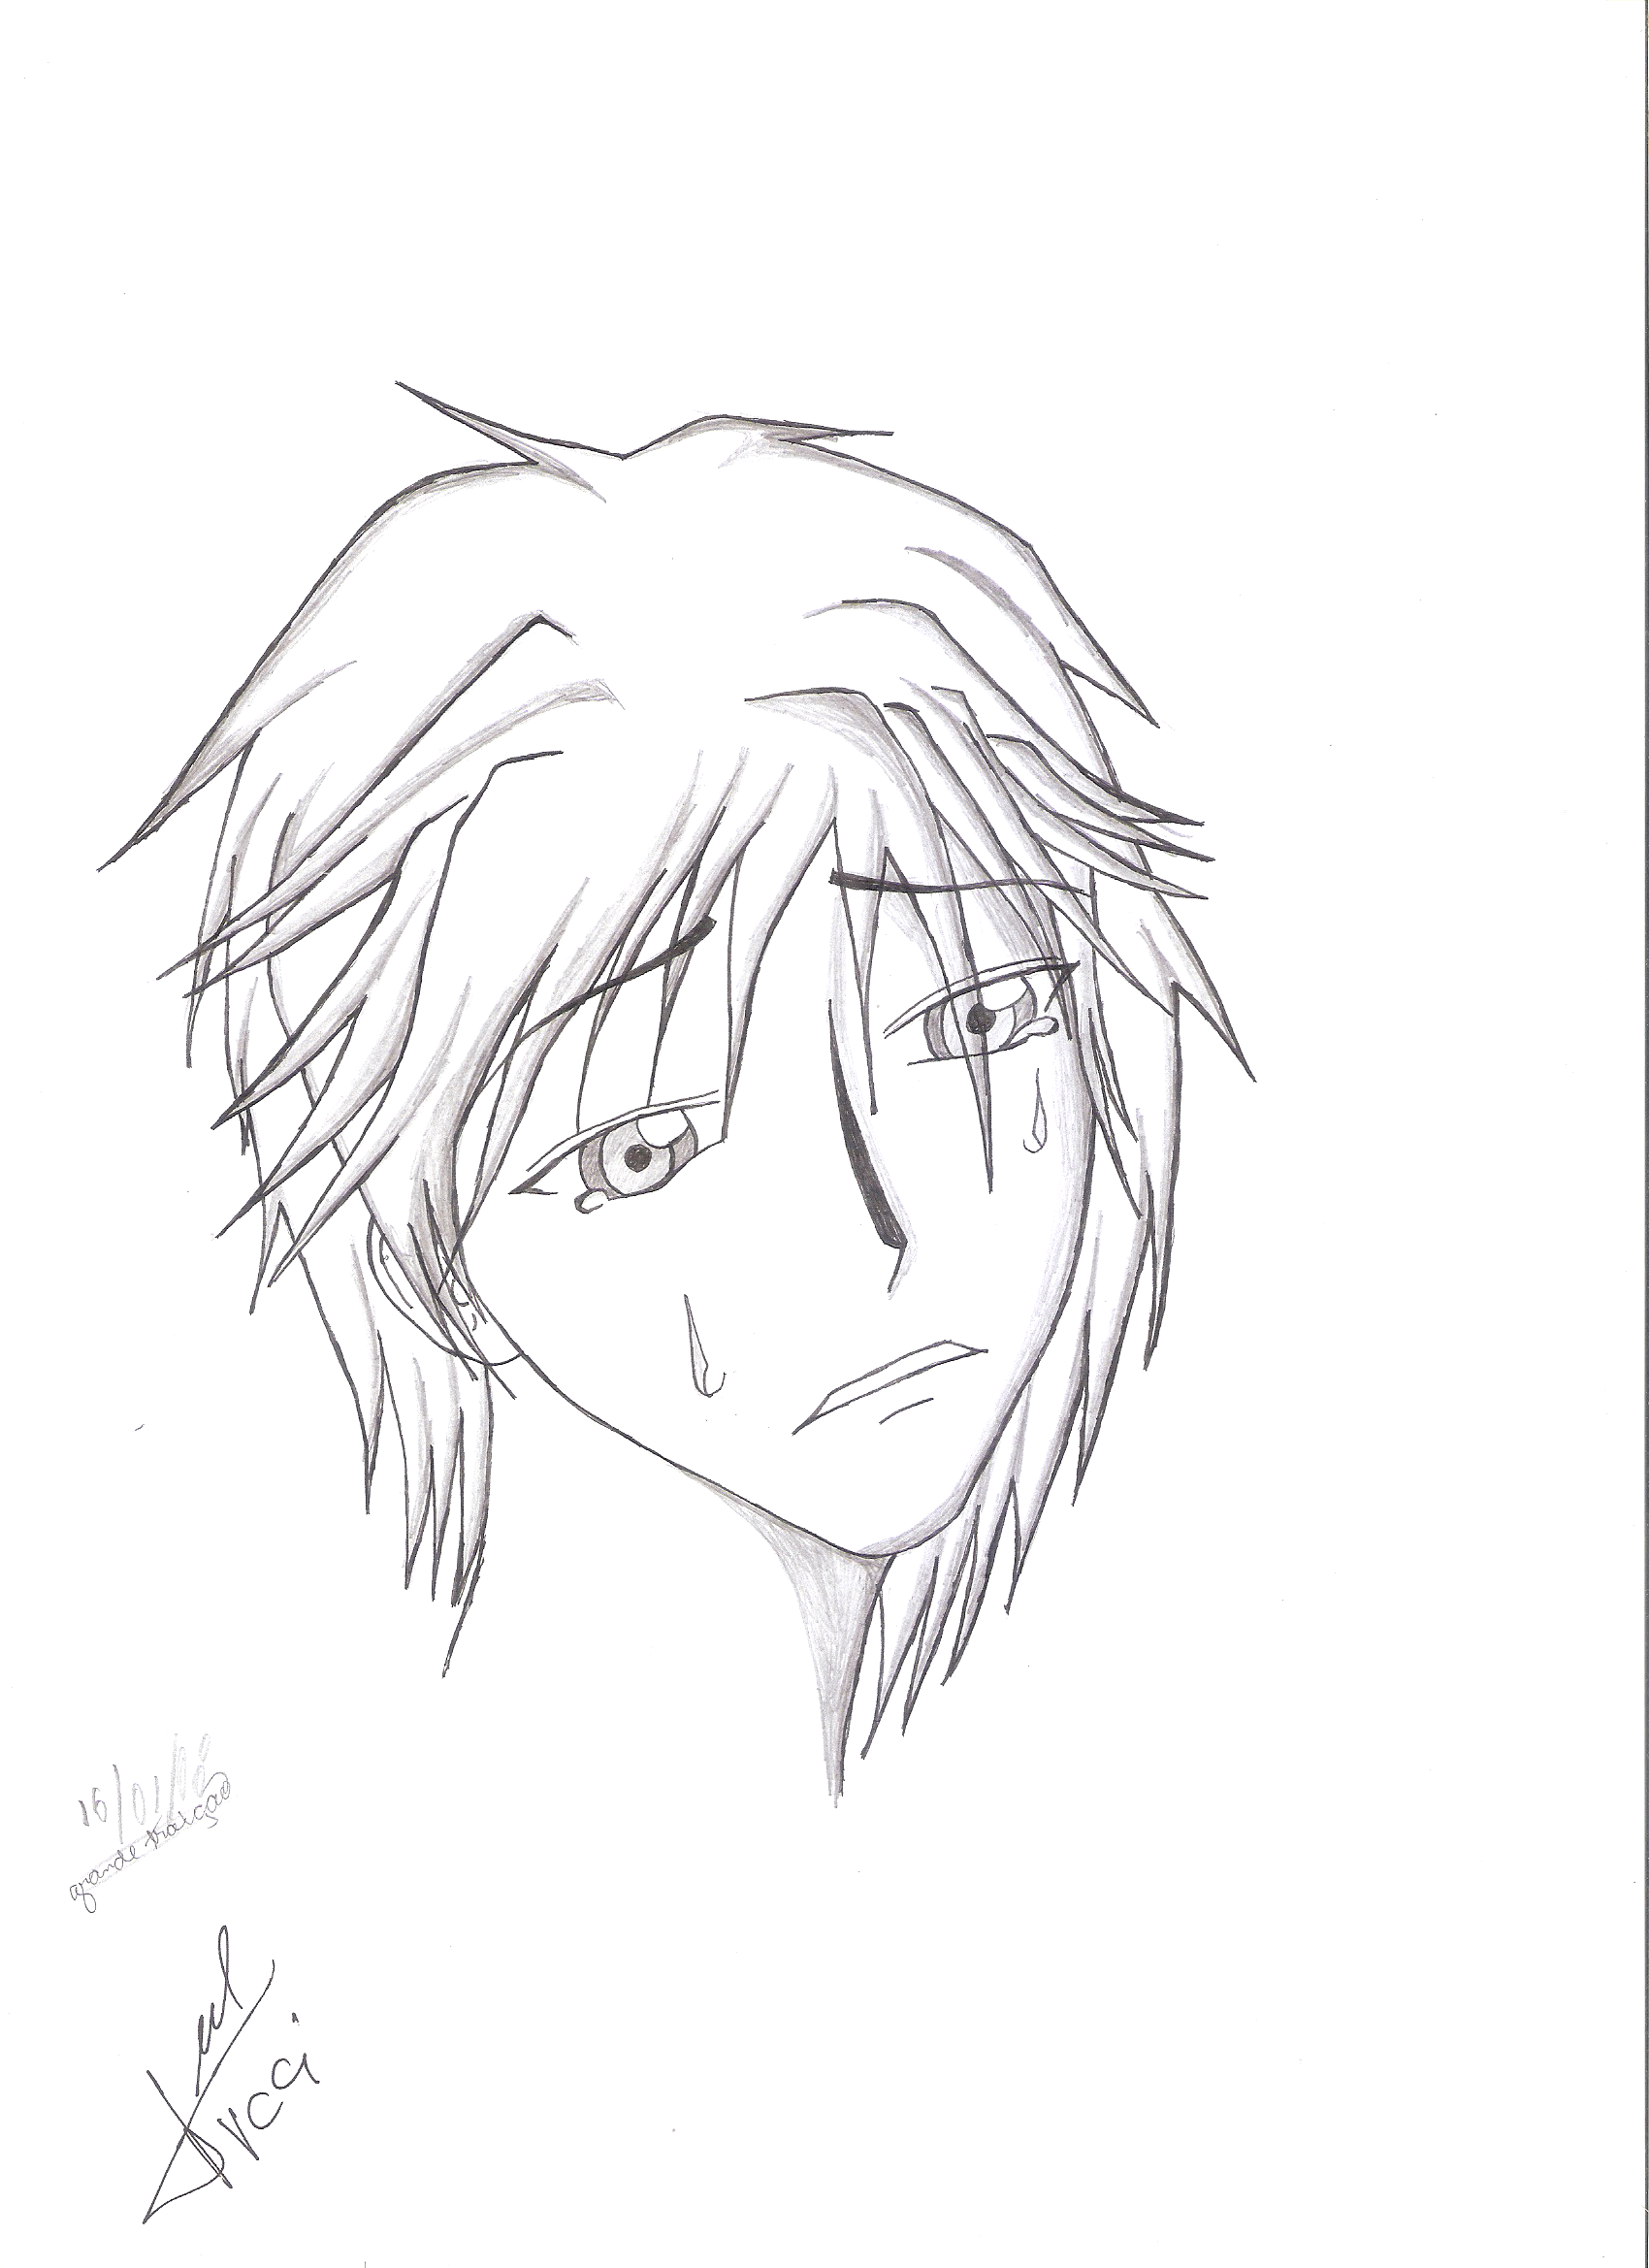 2008 - sad Boy by Tuccifml